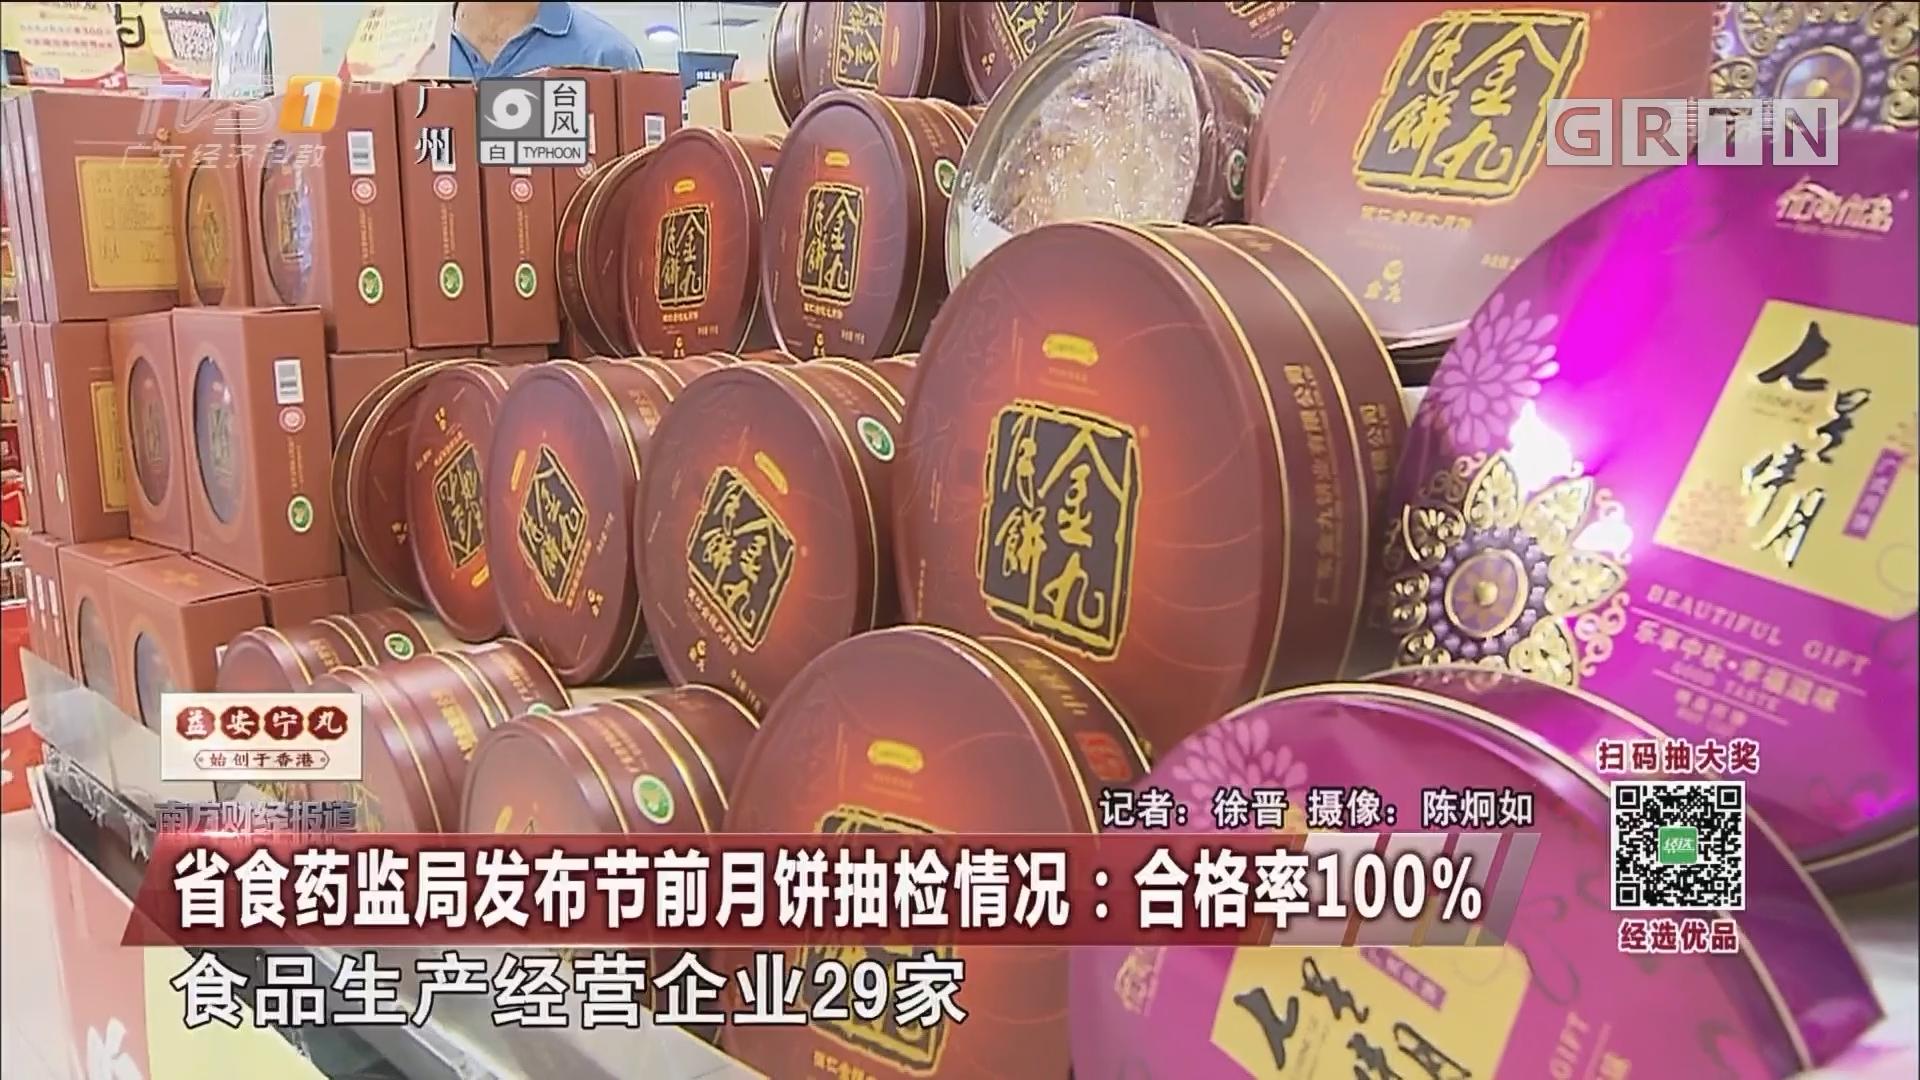 省食药监局发布节前月饼抽检情况:合格率100%